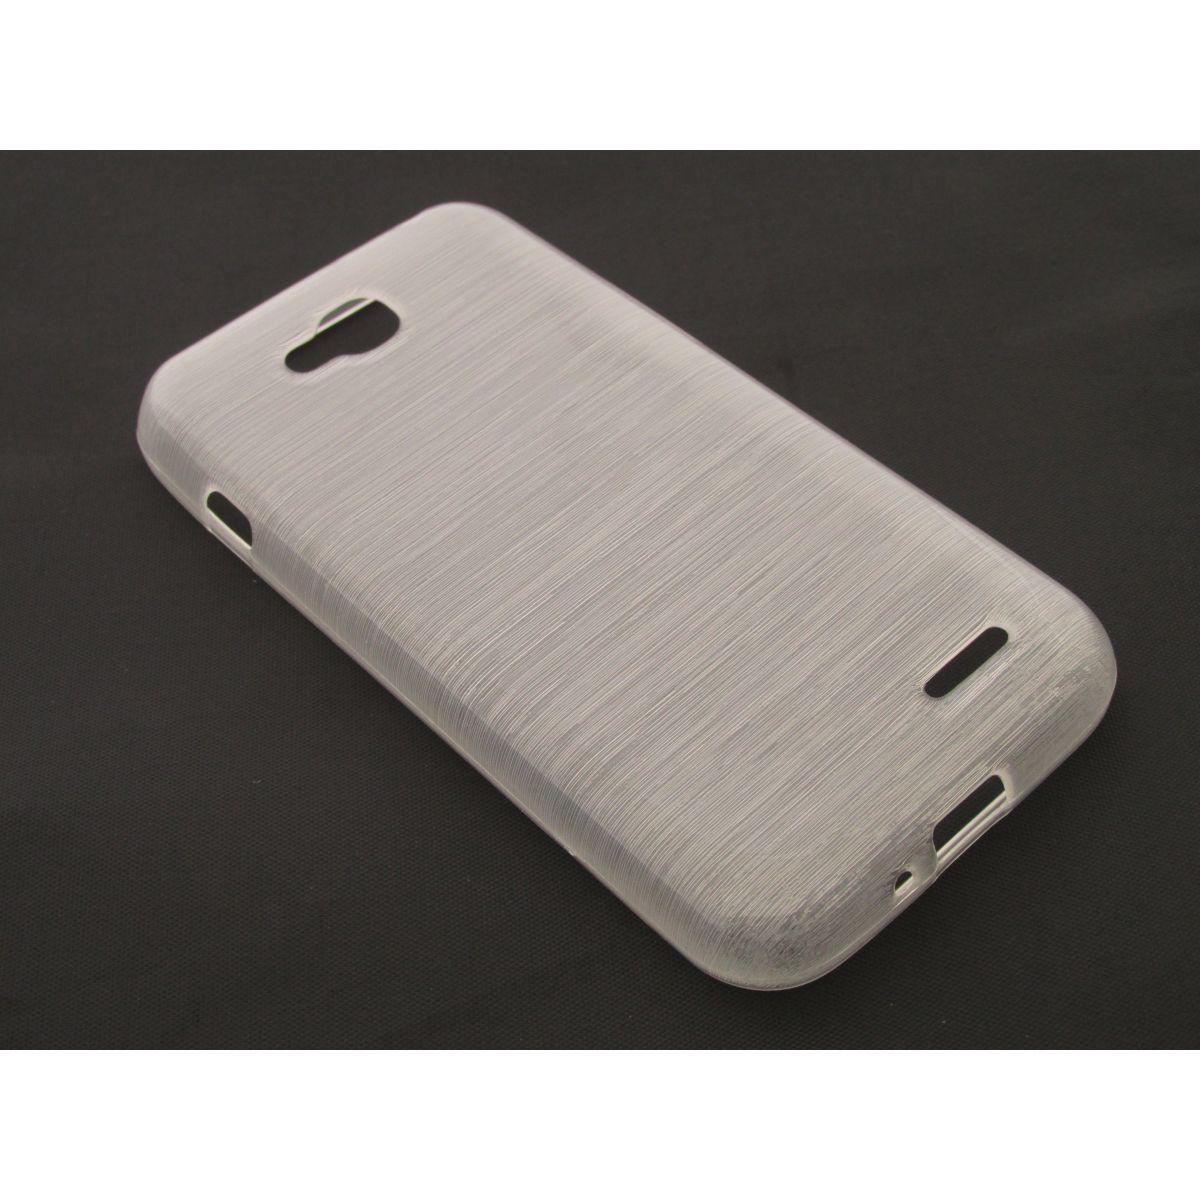 Capa de Tpu para LG L90 D410 Dual Chip + Pelicula Transparente